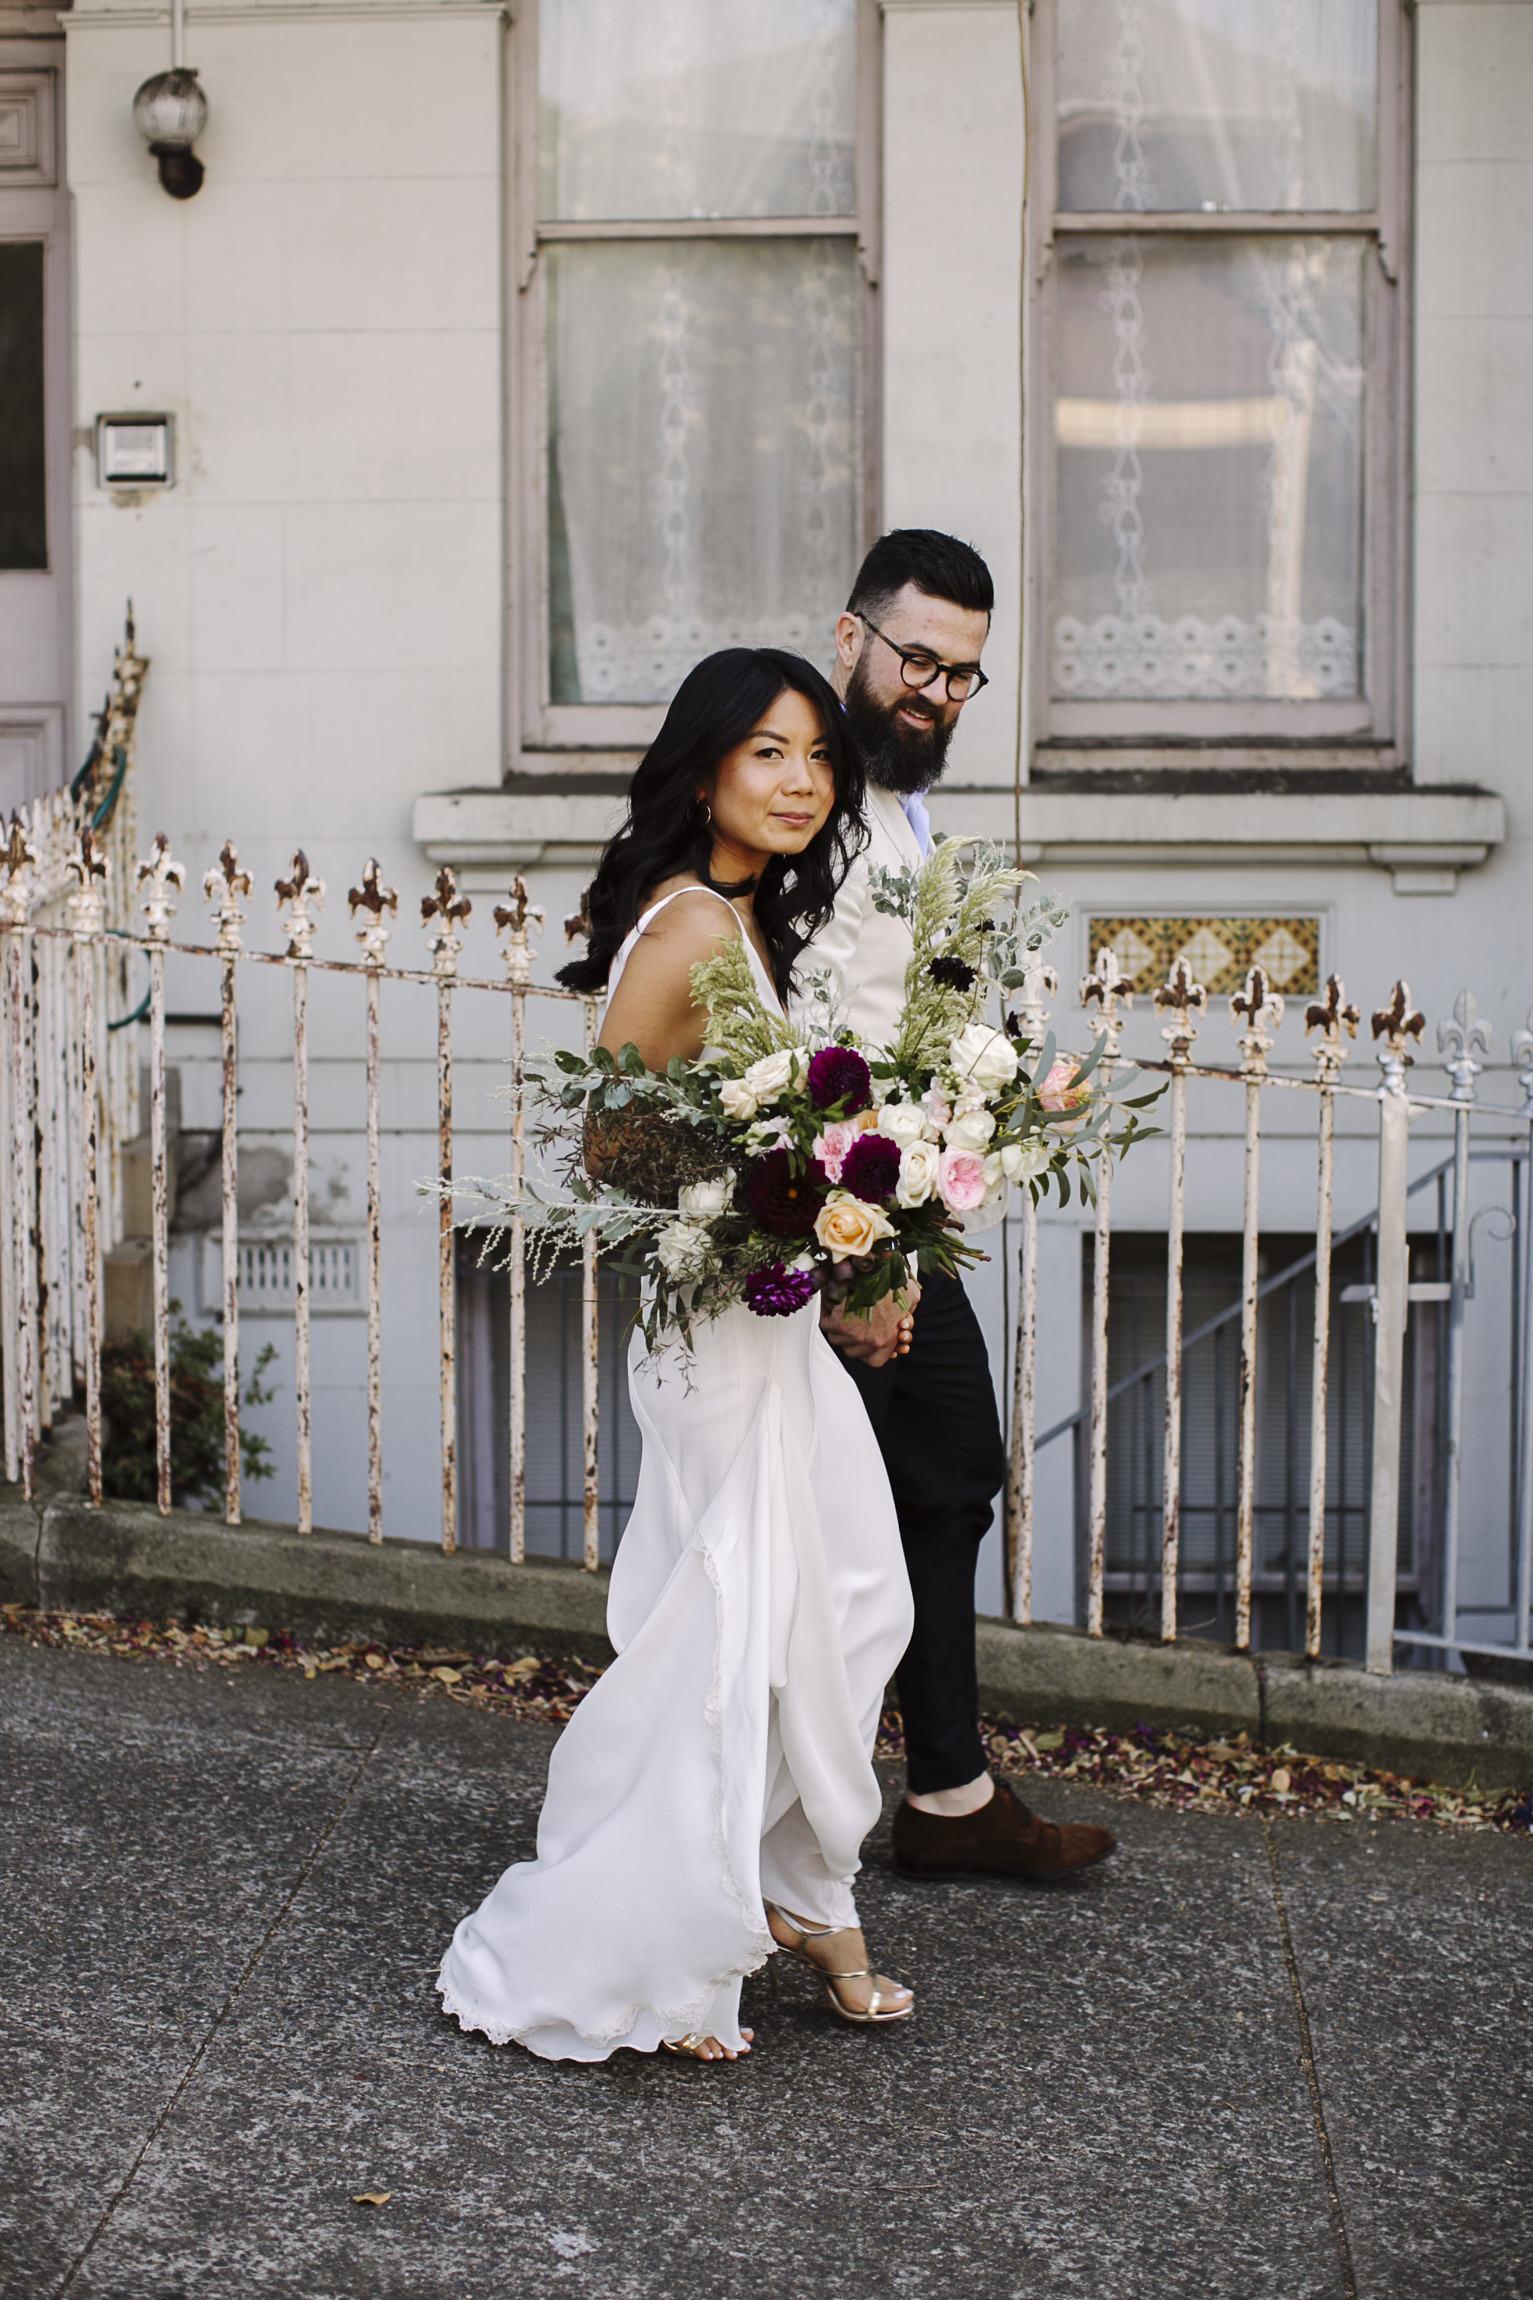 180420_justinaaron_wedding_yang_ben_h-199.jpg